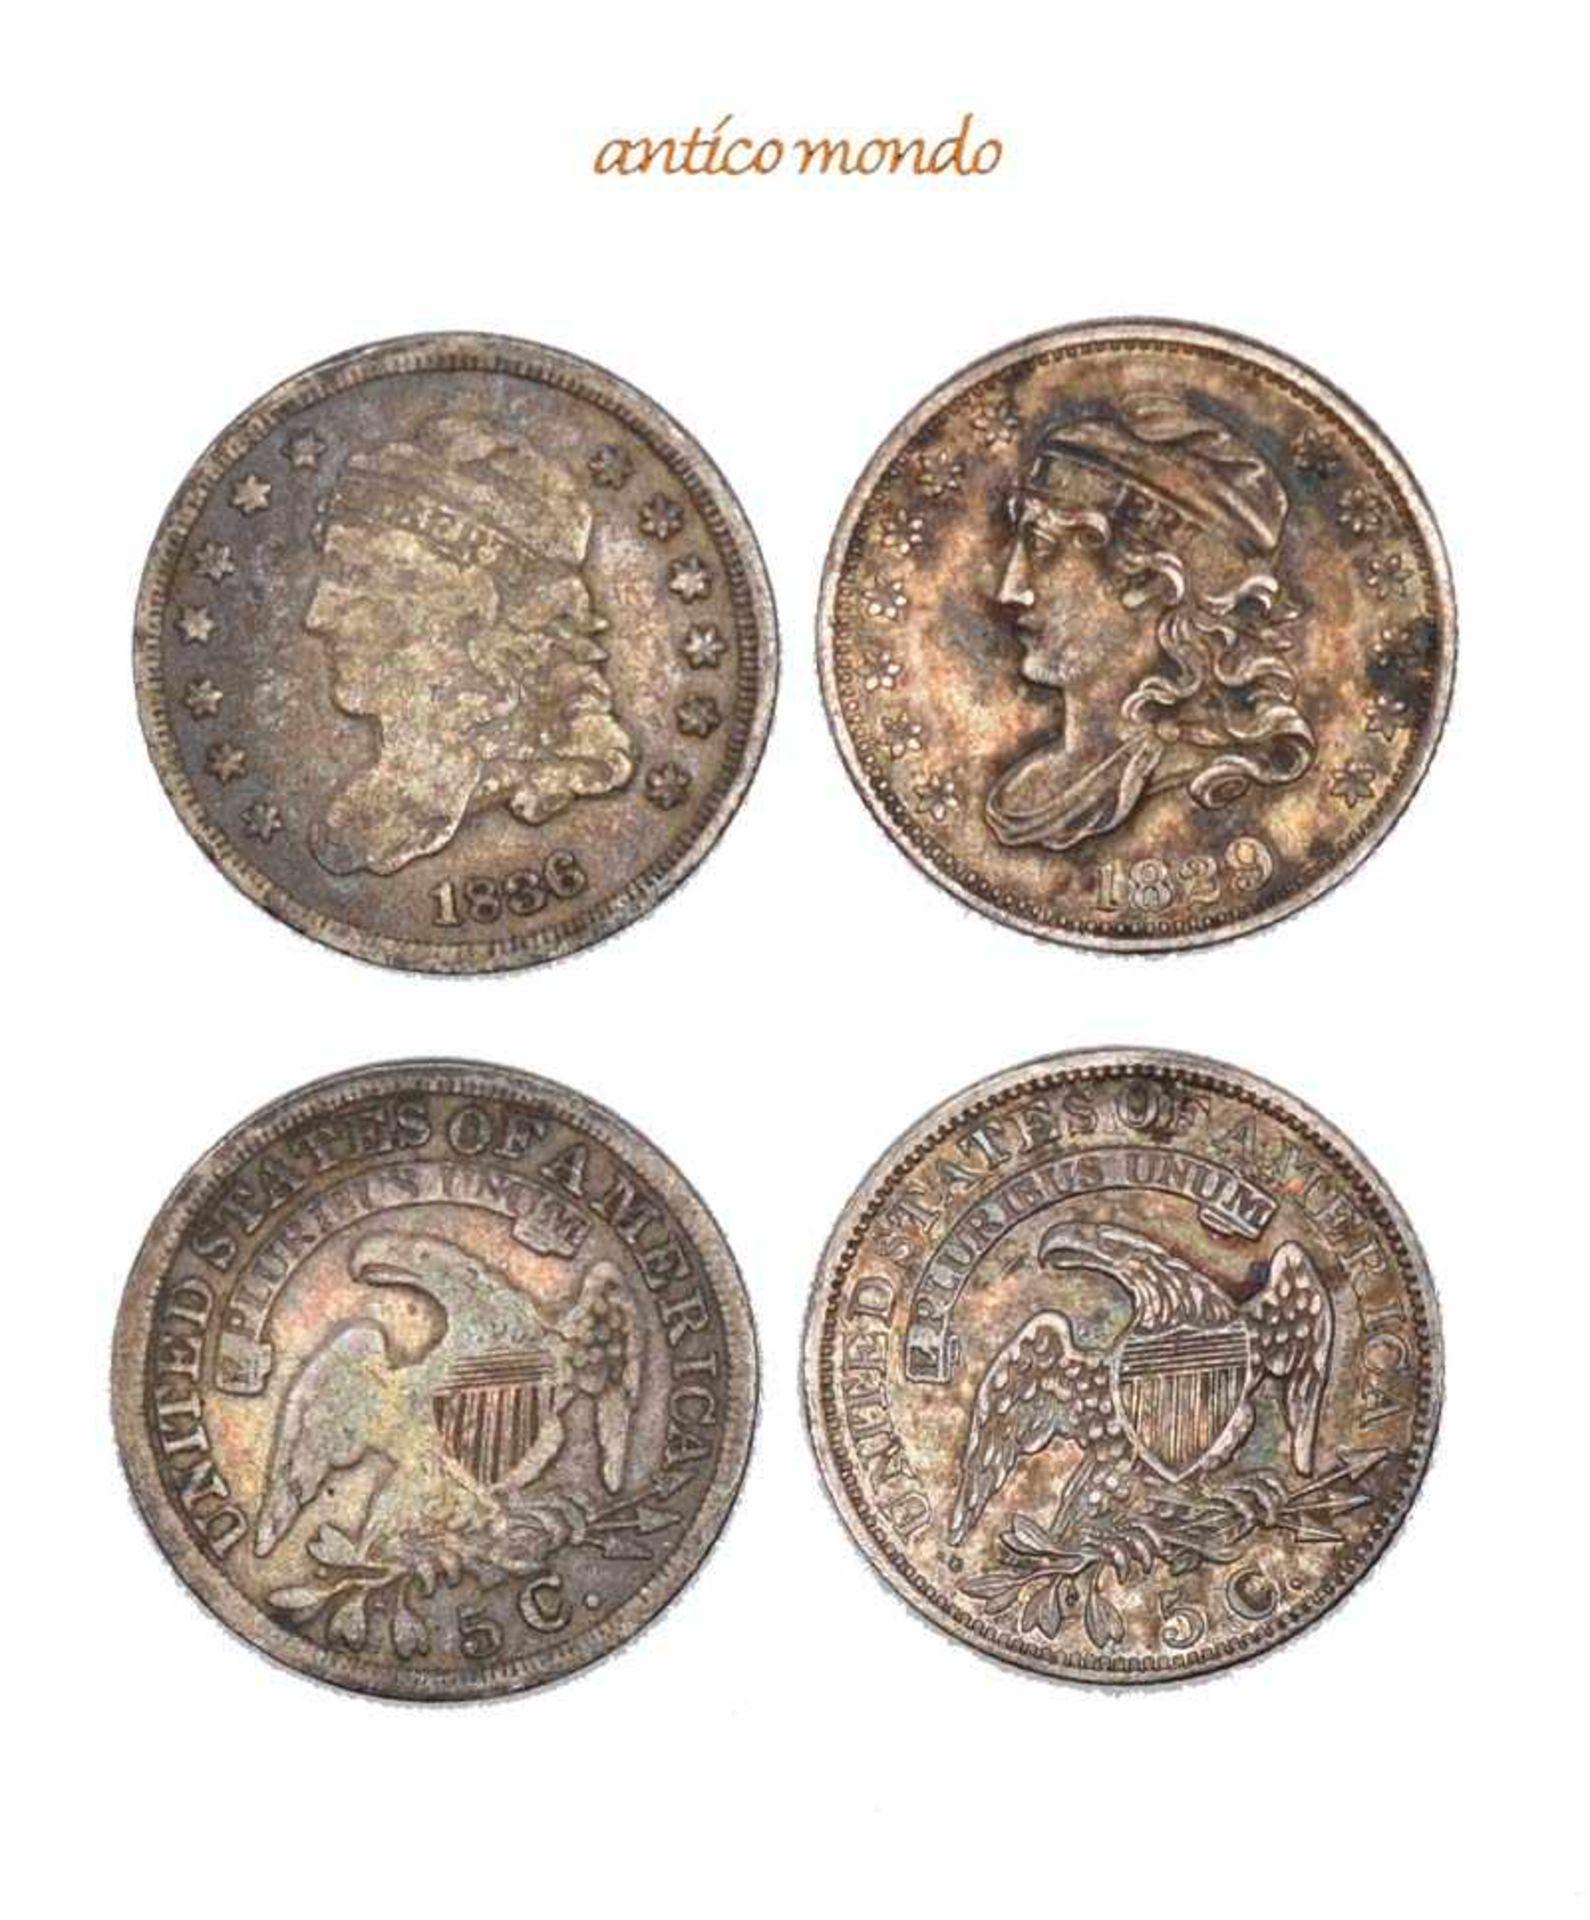 USA, 5 Cent, 1829, 1836, sehr schön + und fast sehr schön, 2 Stück- - -21.50 % buyer's premium on